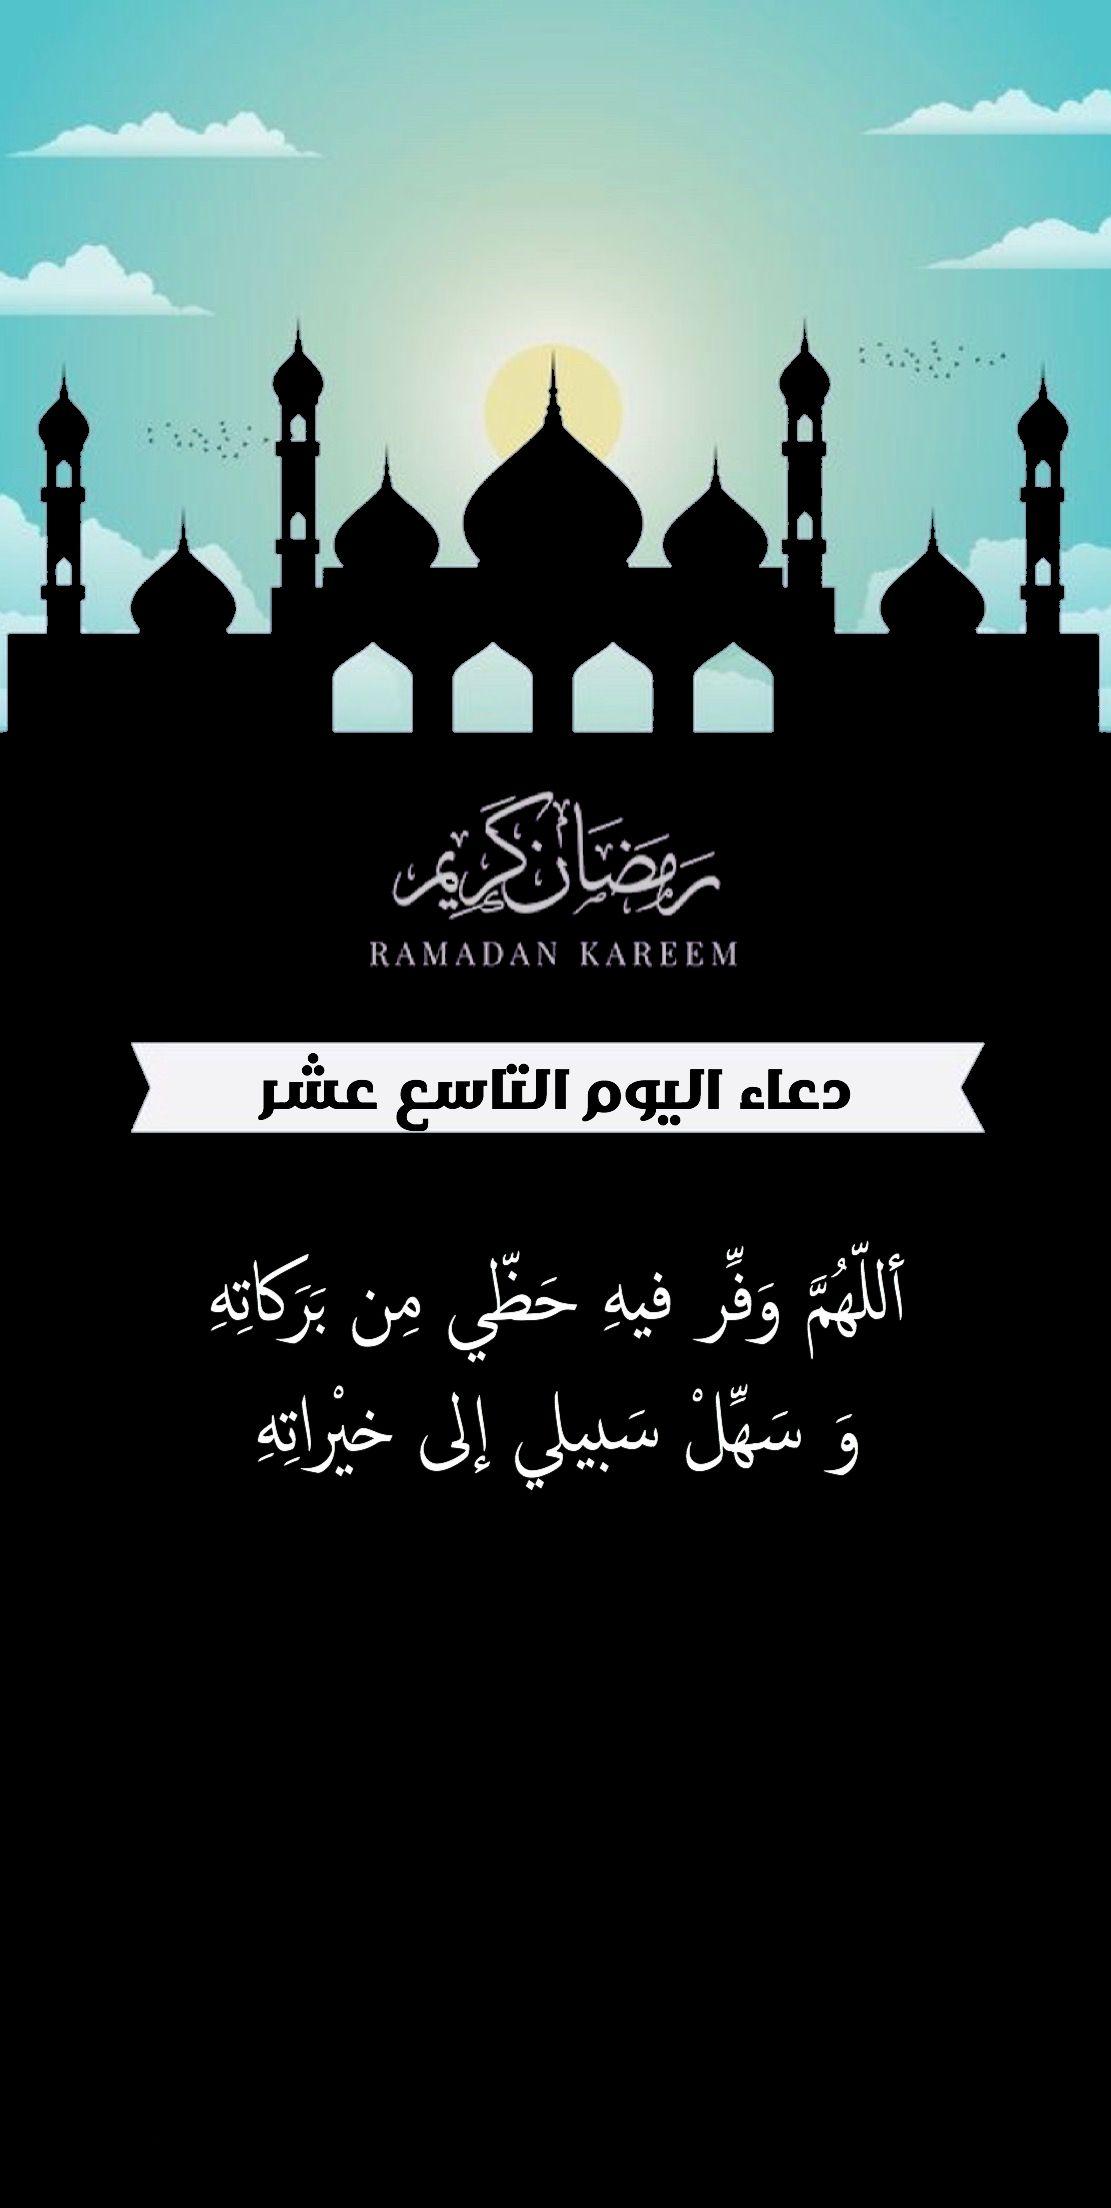 السعوديه الخليج رمضان الشرق الأوسط سناب كويت فايروس كورونا تصميم شعار لوقو دعاء Ramadan Kareem Ramadan Poster